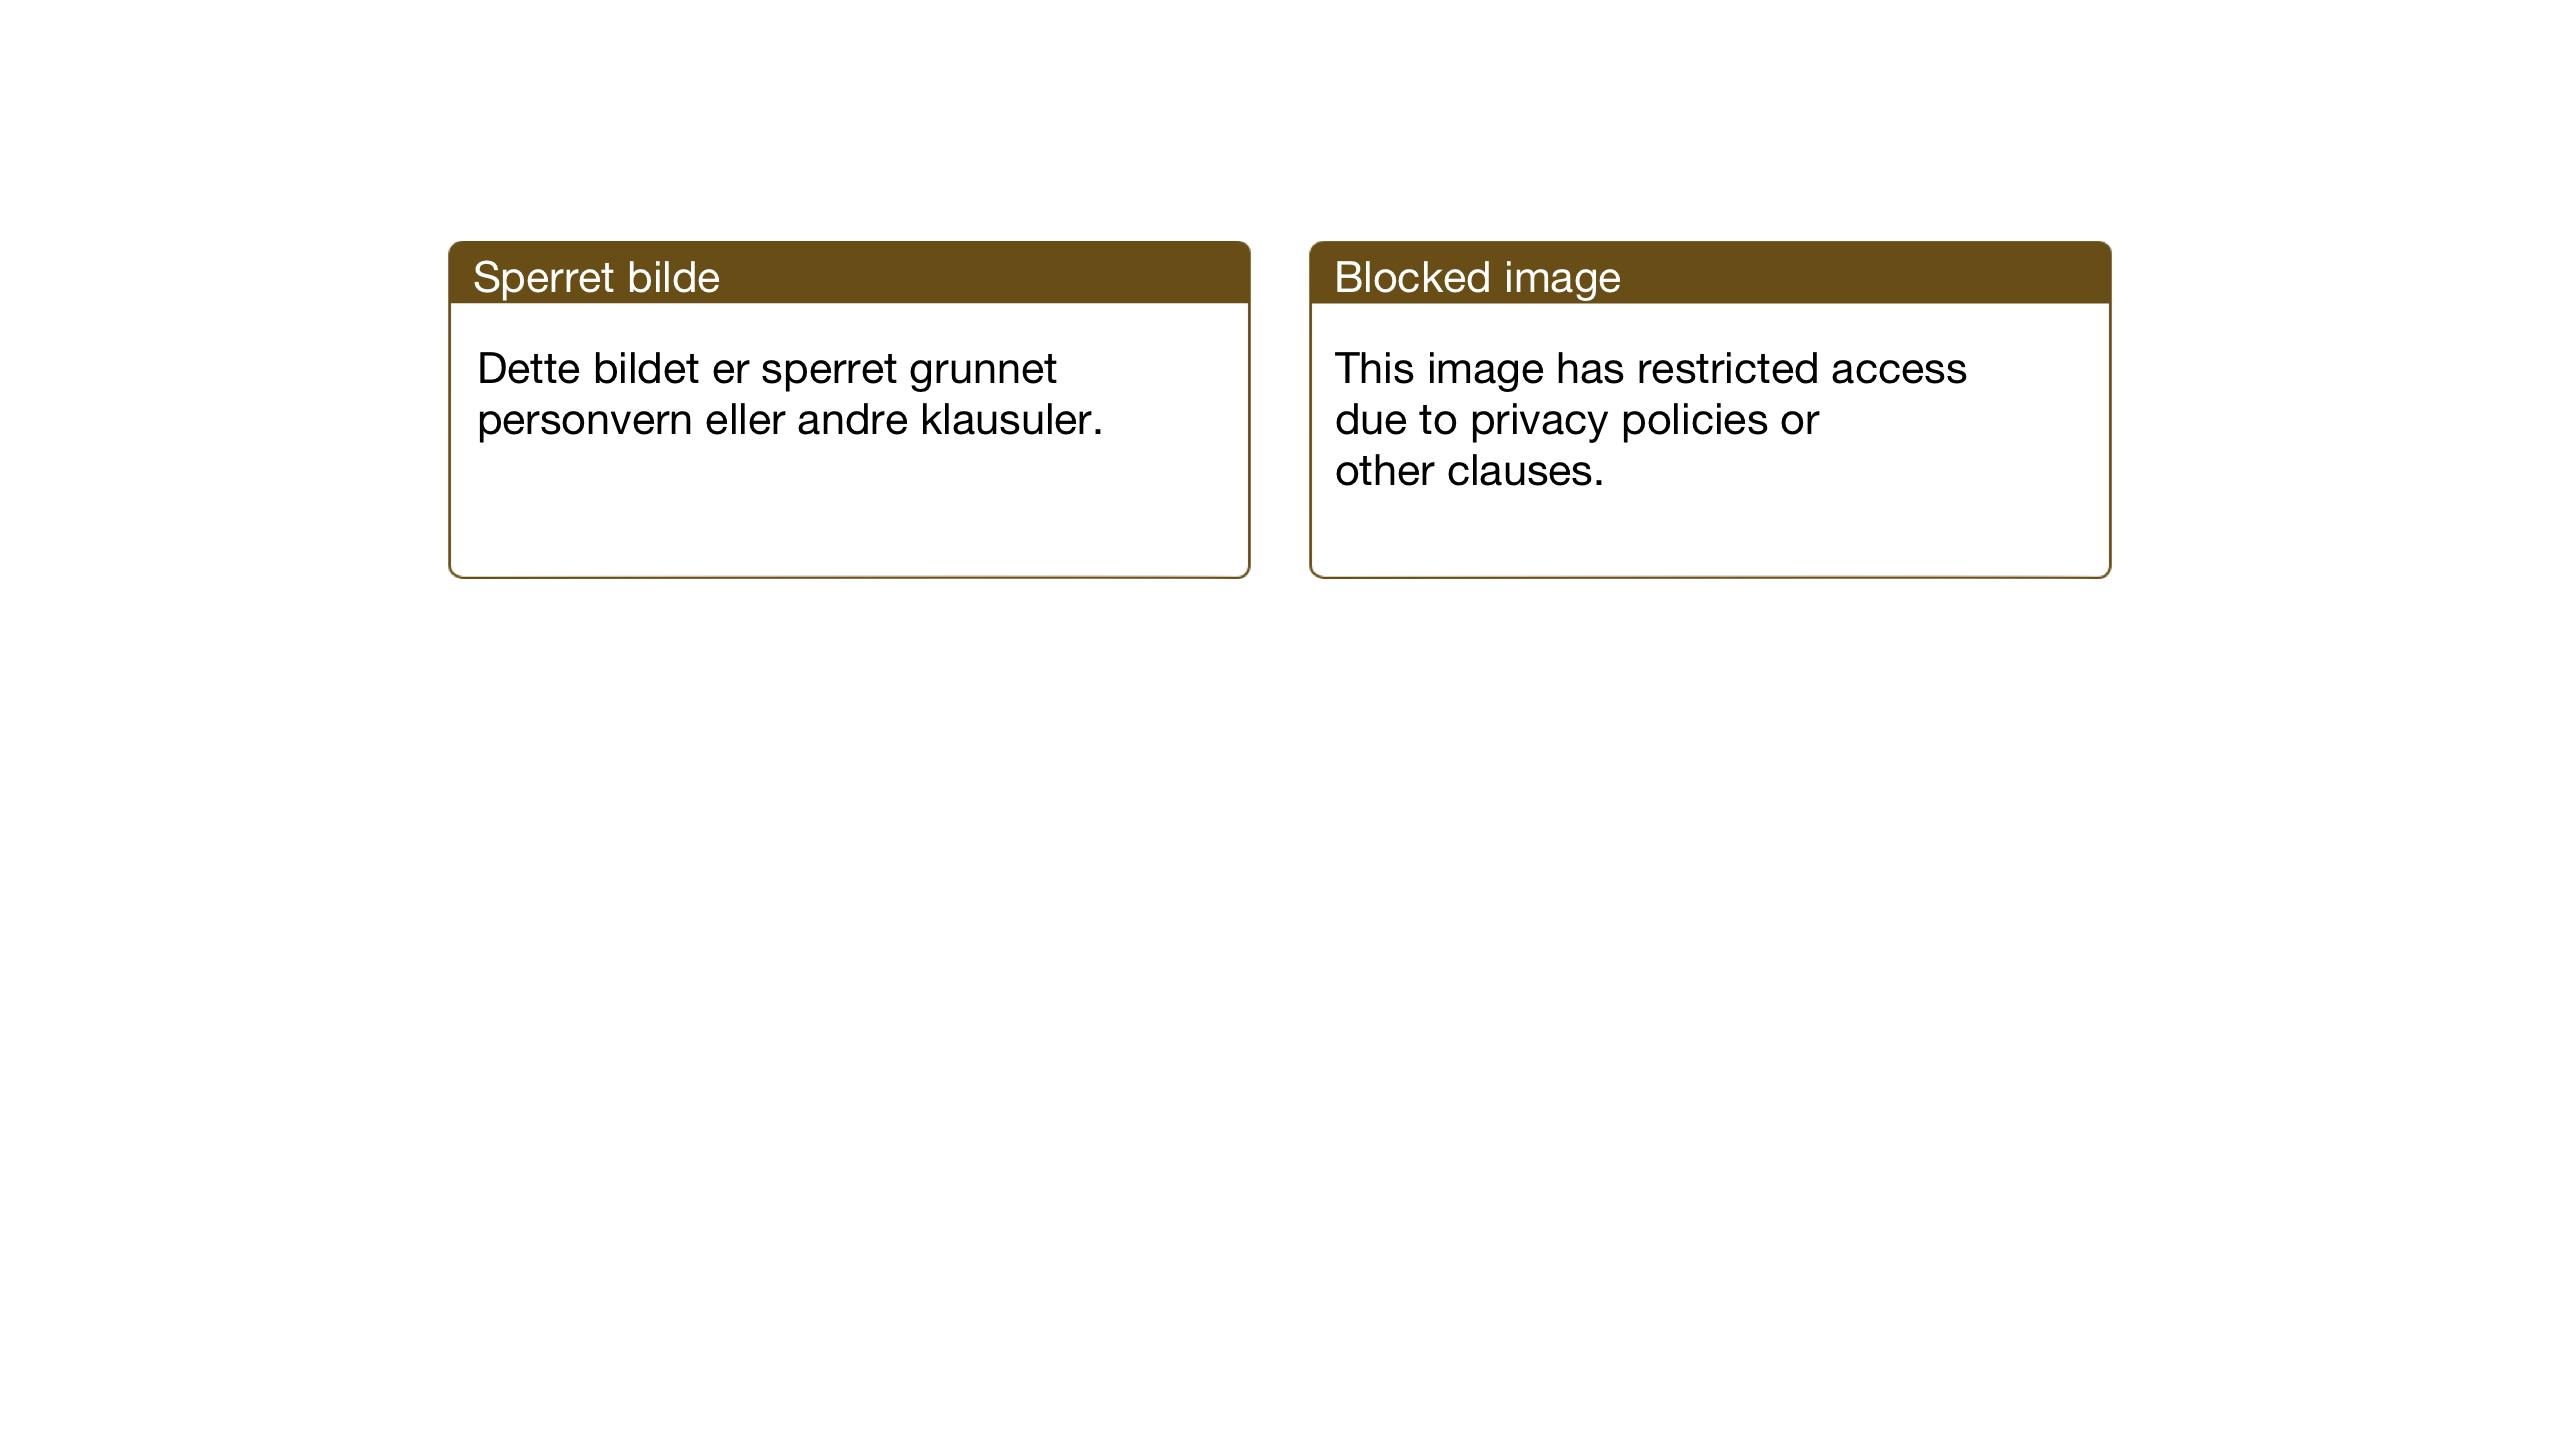 SAT, Ministerialprotokoller, klokkerbøker og fødselsregistre - Nord-Trøndelag, 786/L0689: Klokkerbok nr. 786C01, 1940-1948, s. 466-467